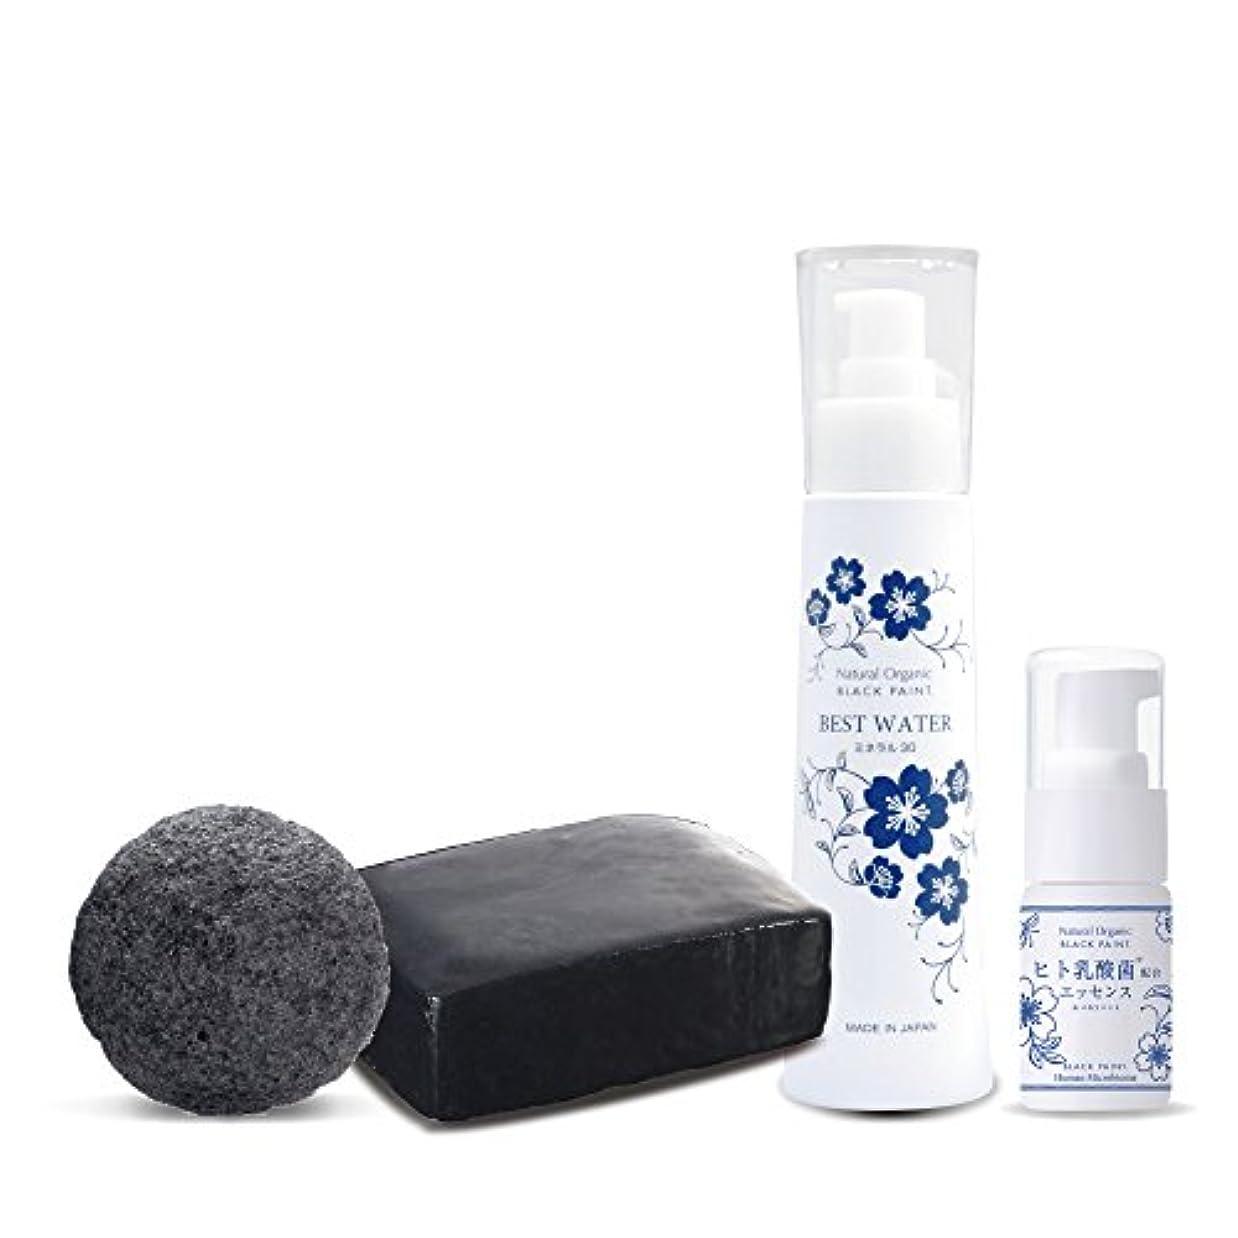 の配列環境に優しい治療ヒト乳酸菌エッセンス10ml&ブラックペイント60g&ブラックスポンジミニ&ベストウォーター100ml 洗顔セット